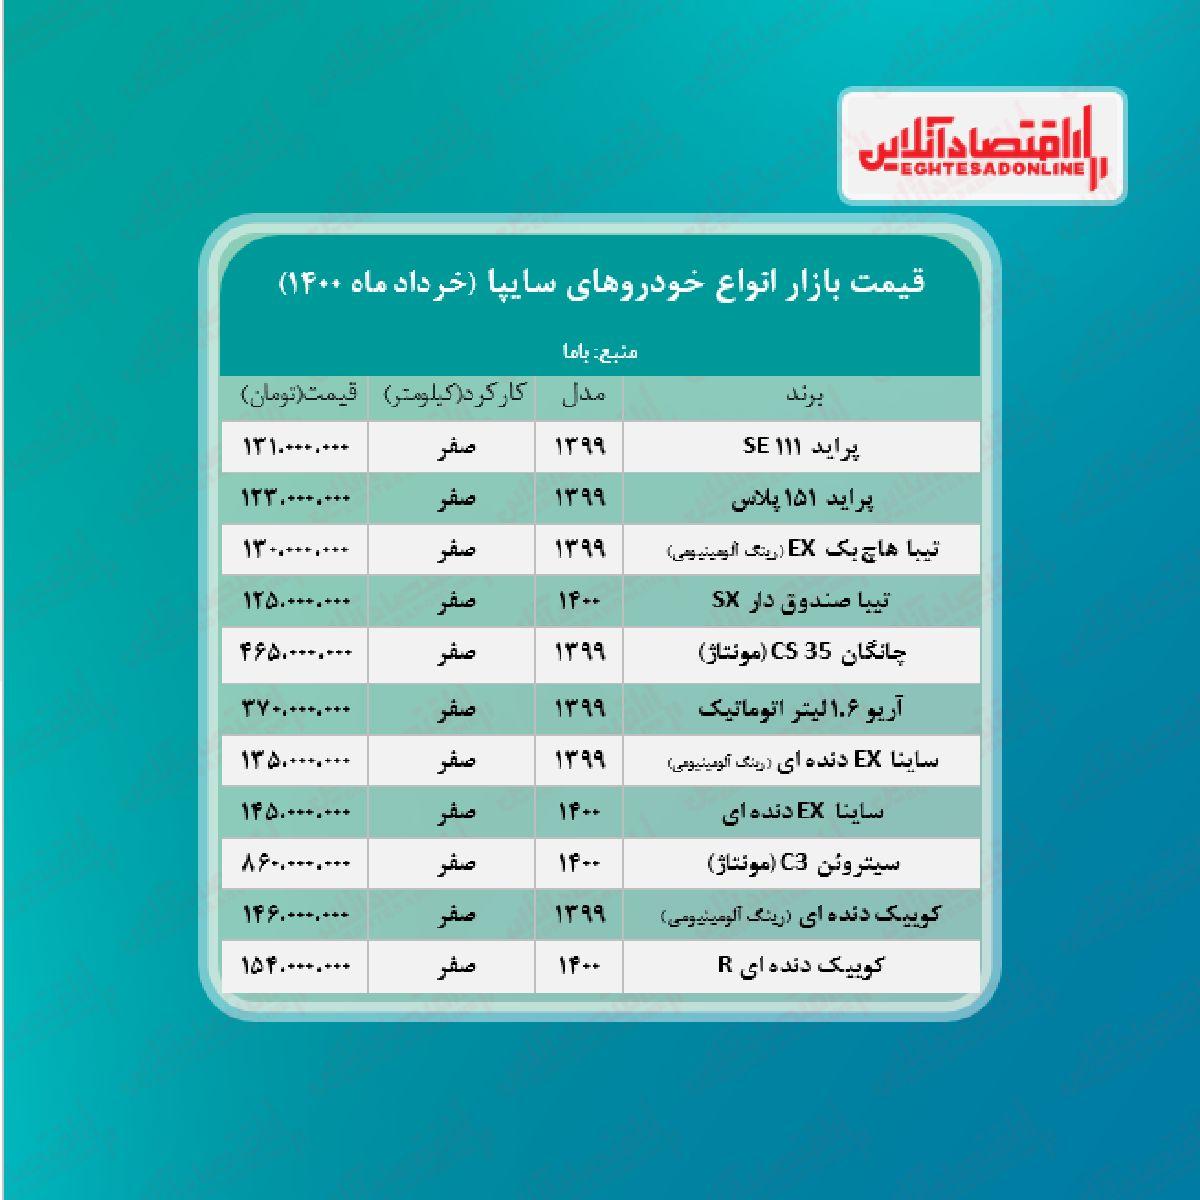 قیمت محصولات سایپا امروز ۱۴۰۰/۳/۱۳